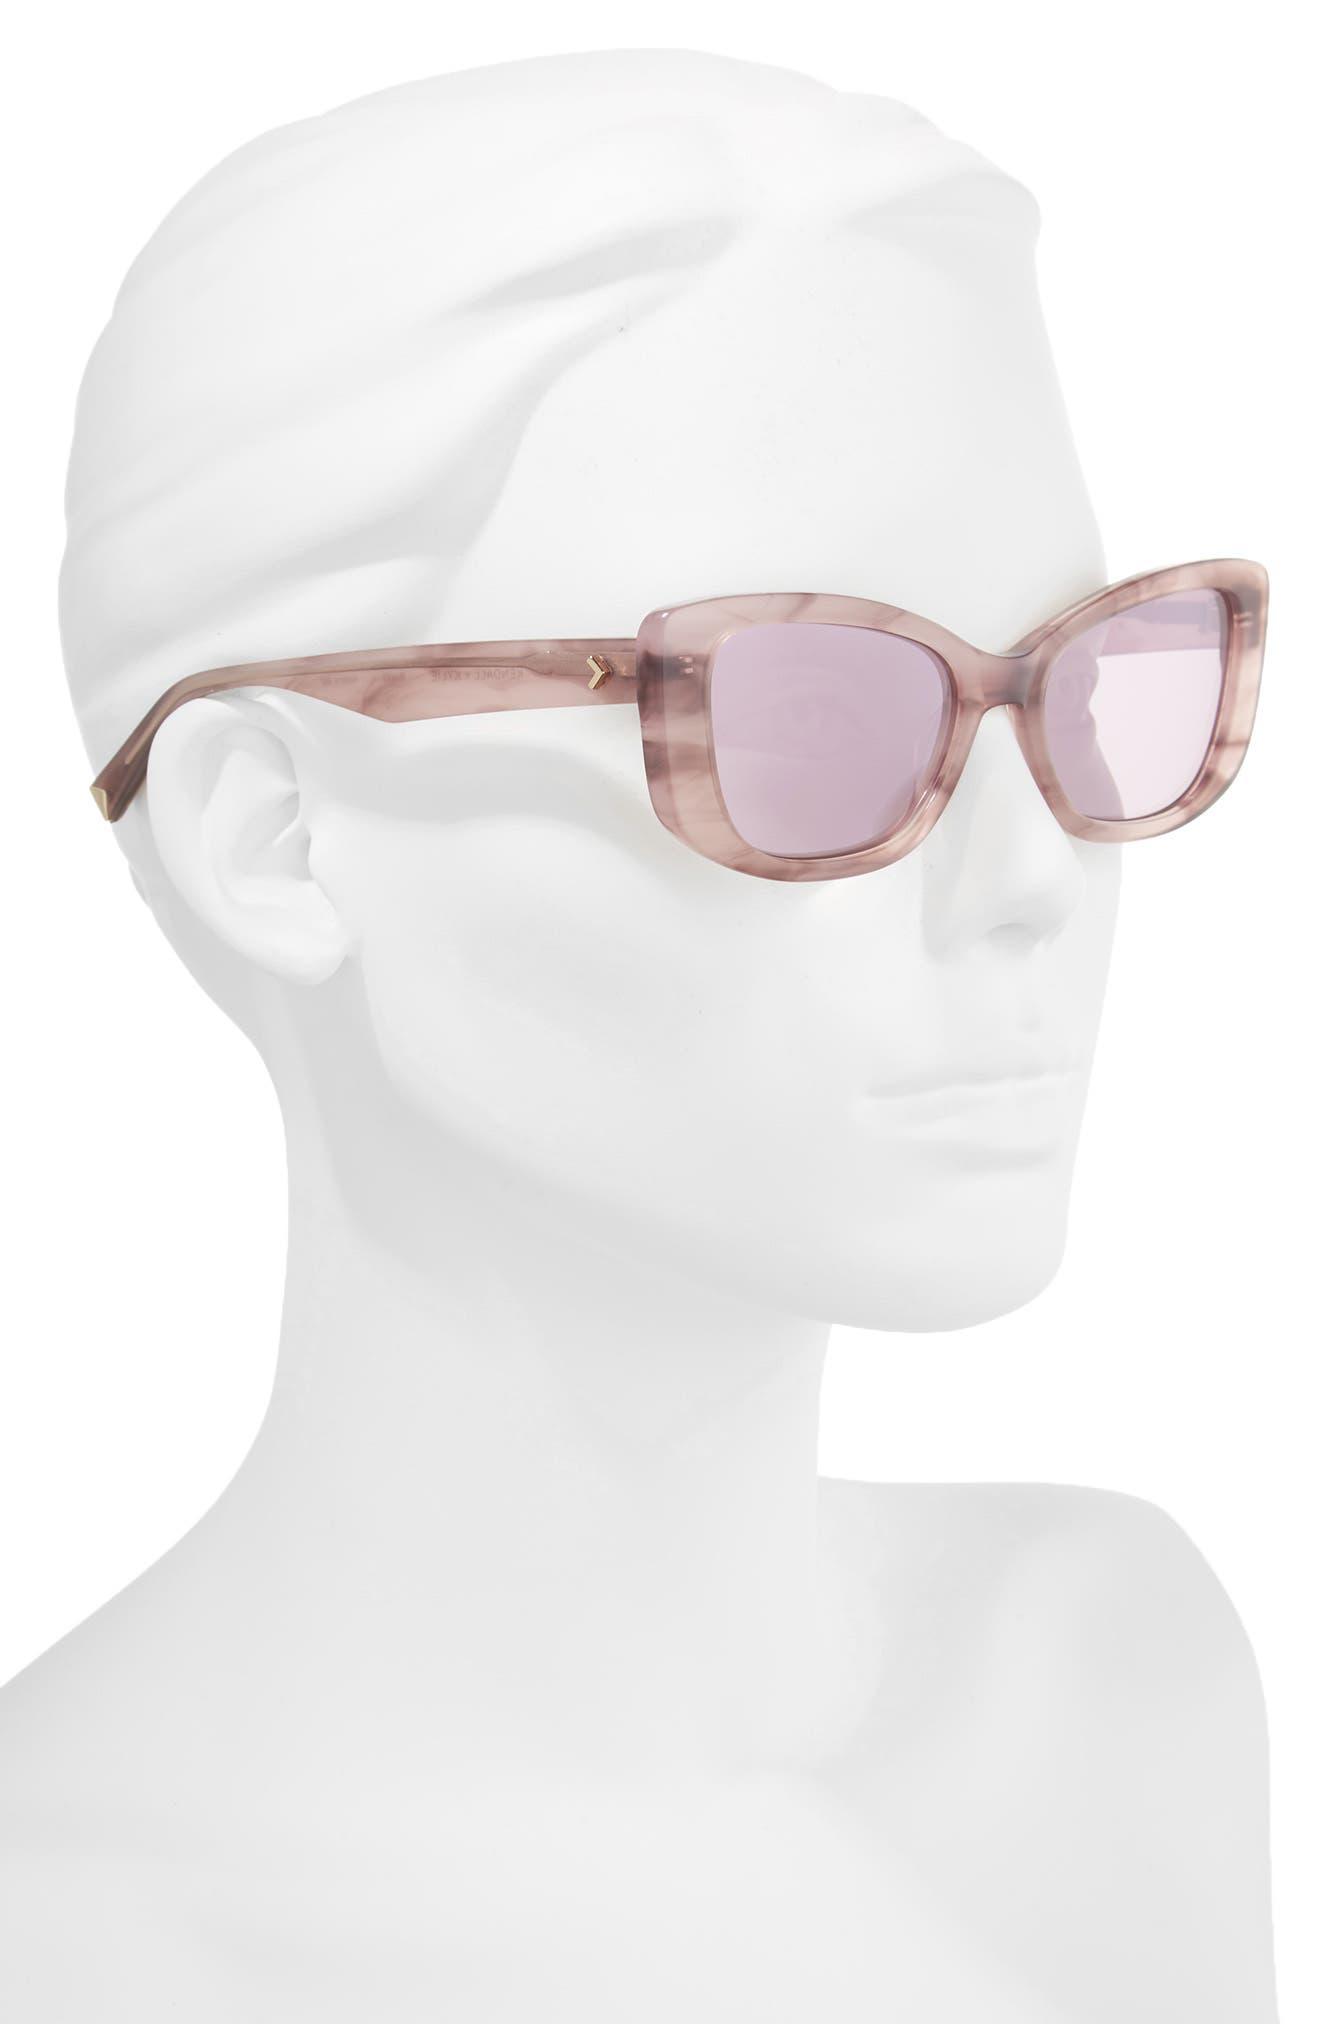 53mm Cat Eye Sunglasses,                             Alternate thumbnail 2, color,                             ROSE HORN